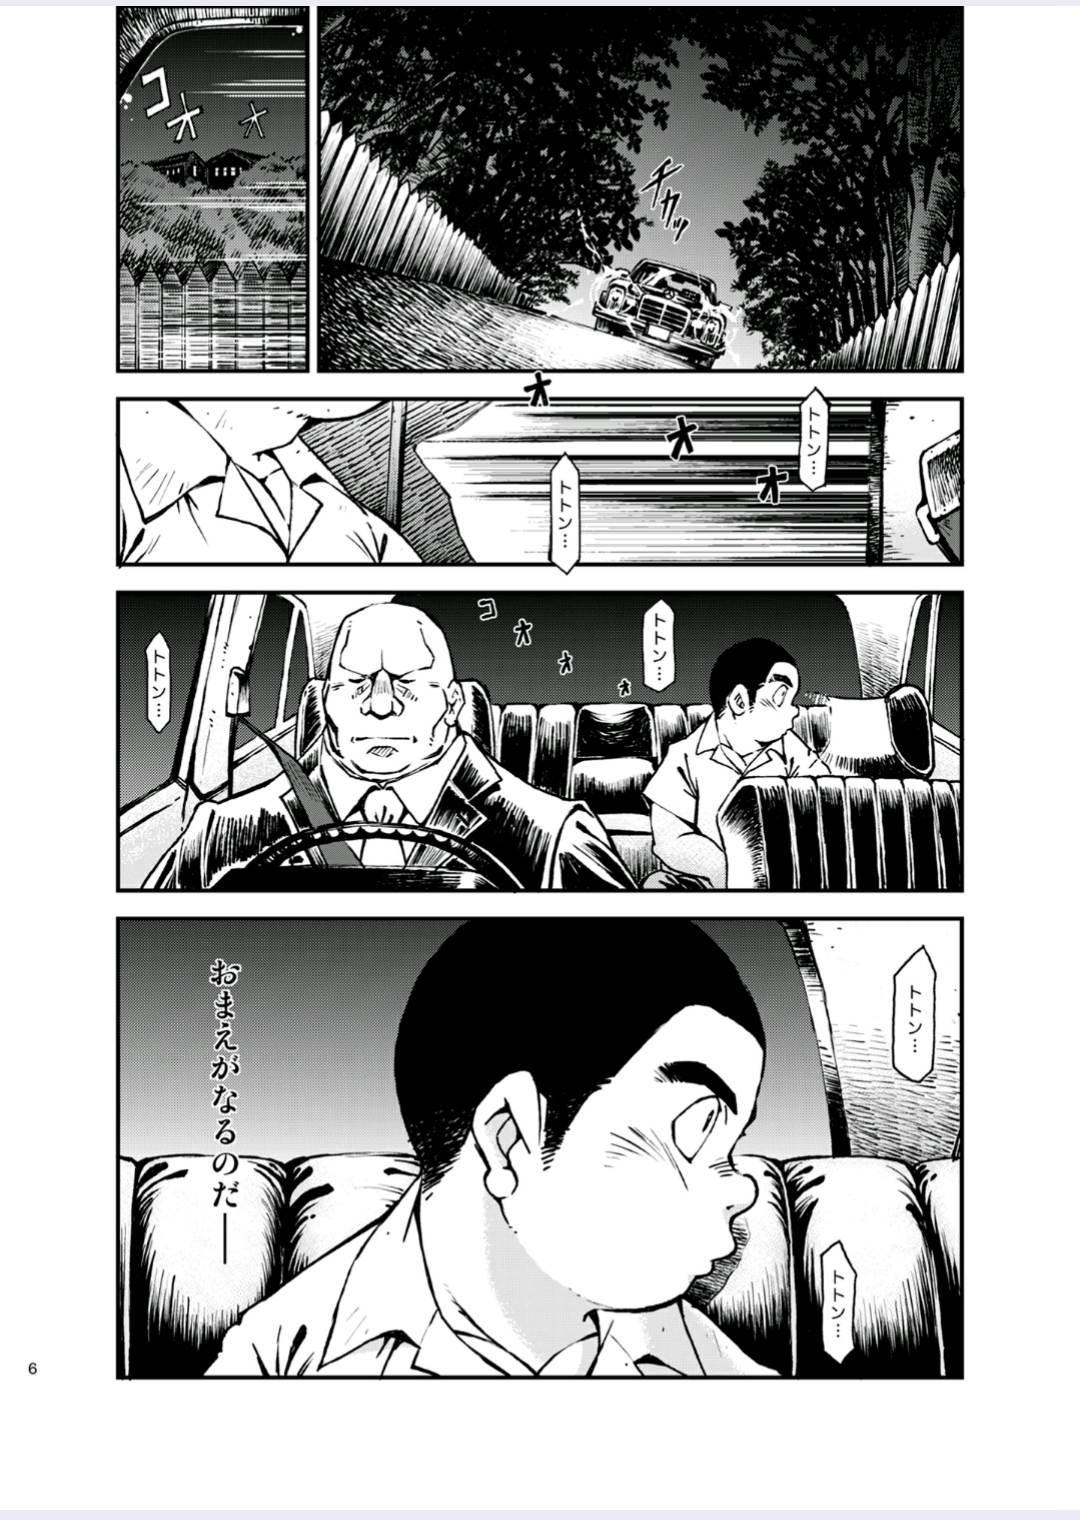 [KOWMEIISM (Kasai Kowmei)] Tadashii Danshi no Kyouren Hou (Yon) Deku to Kairai to [Digital] 6